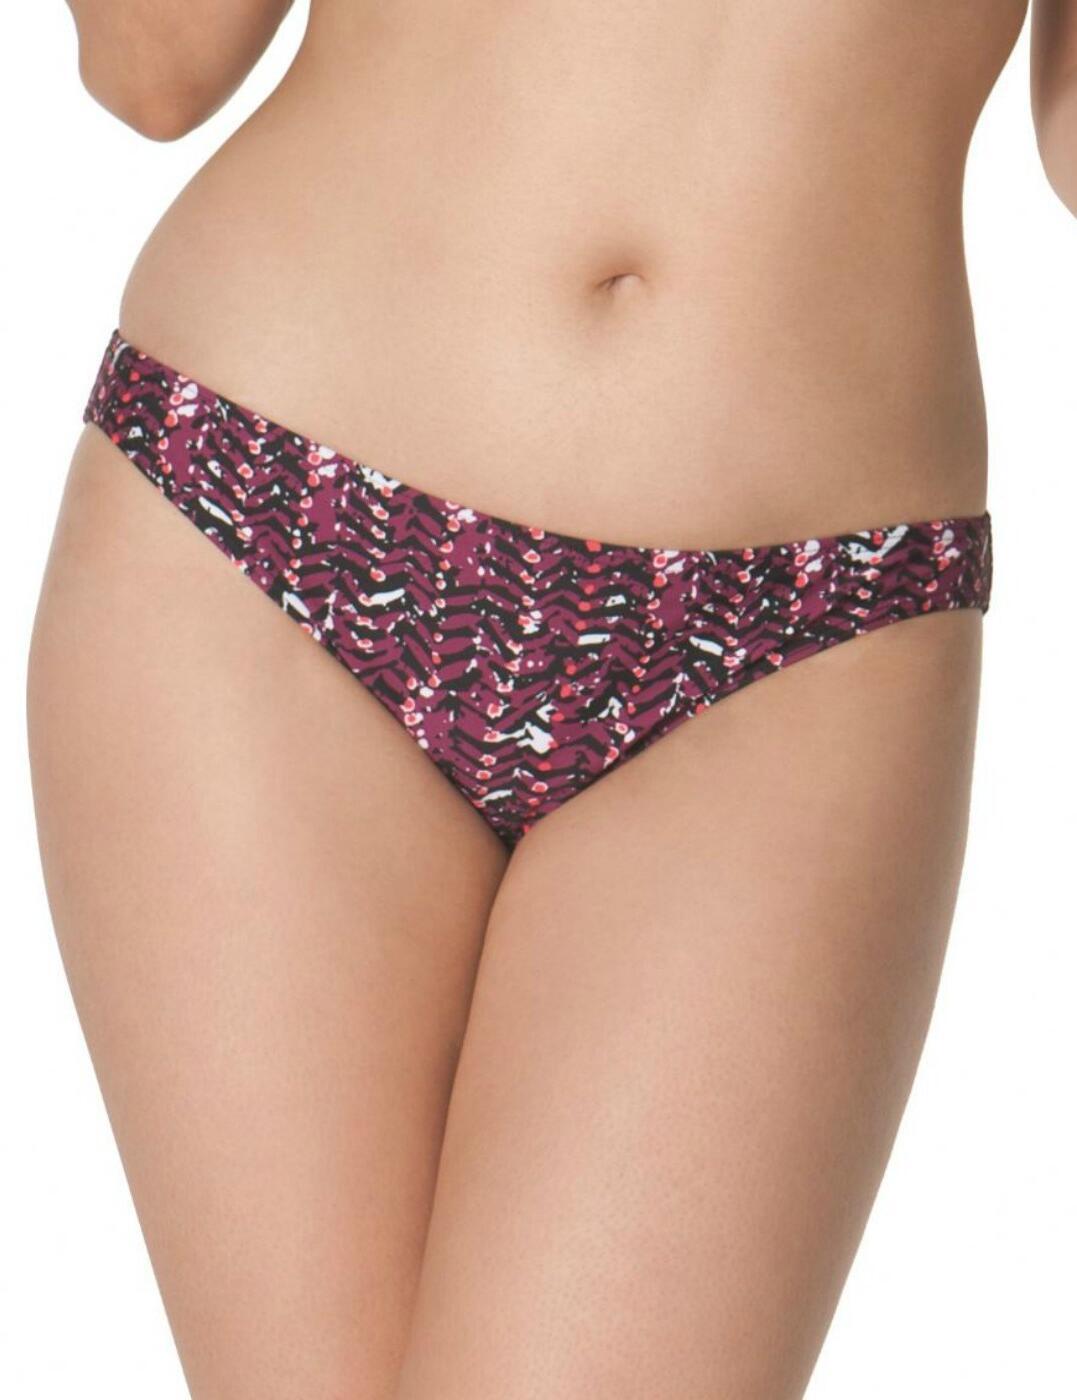 CS2905 Curvy Kate Instinct Classic Bikini Brief - CS2905 Cherry/Berry